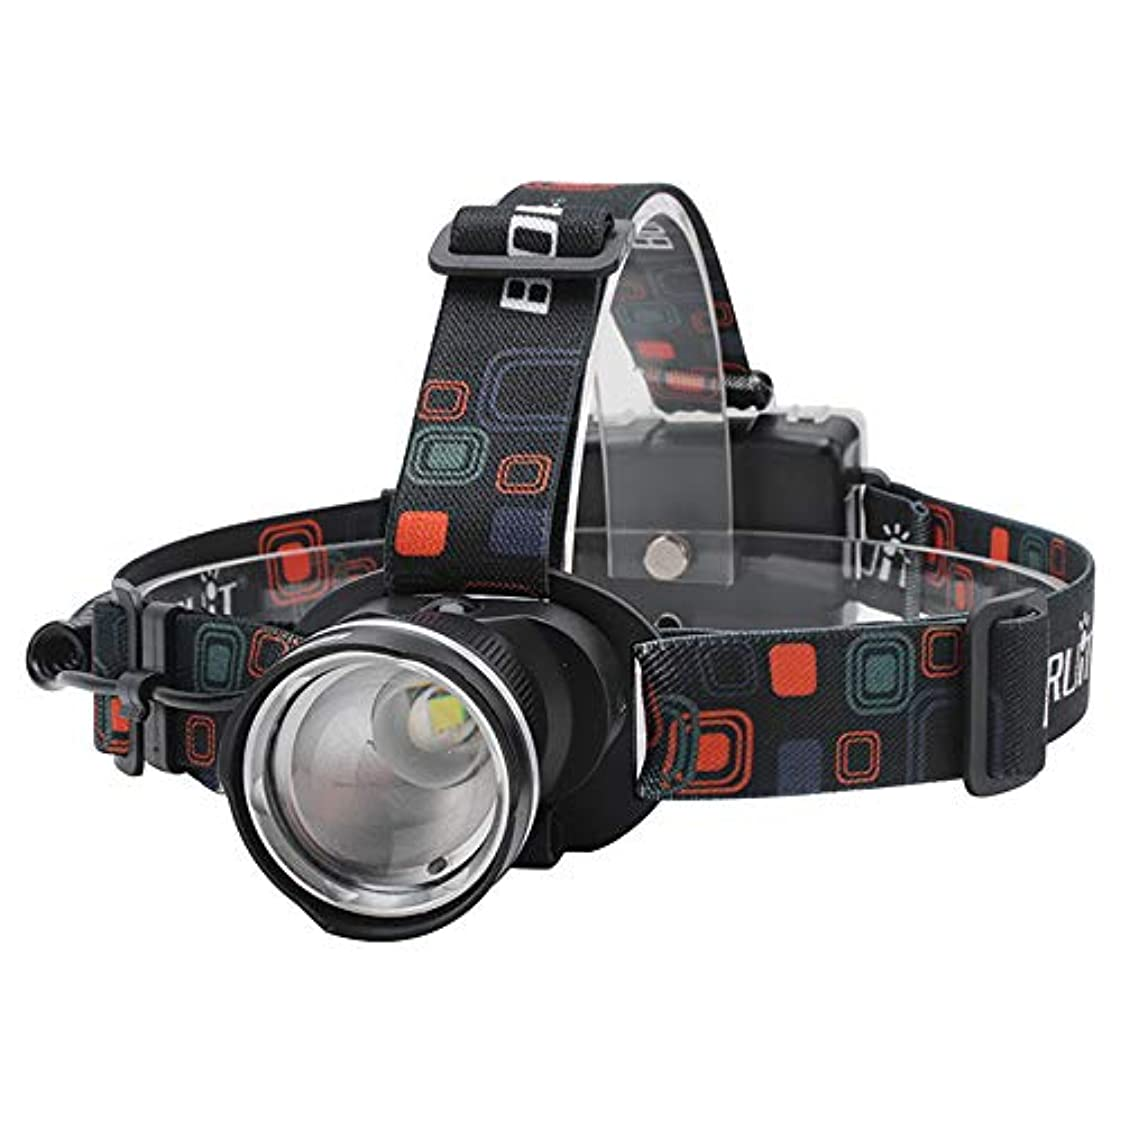 地震軽蔑ライドLEDヘッドライト 防水 超高輝度 1000ルーメン 90°角度調節 ズーム機能付き 単3電池式 釣り/バイク/停電時用